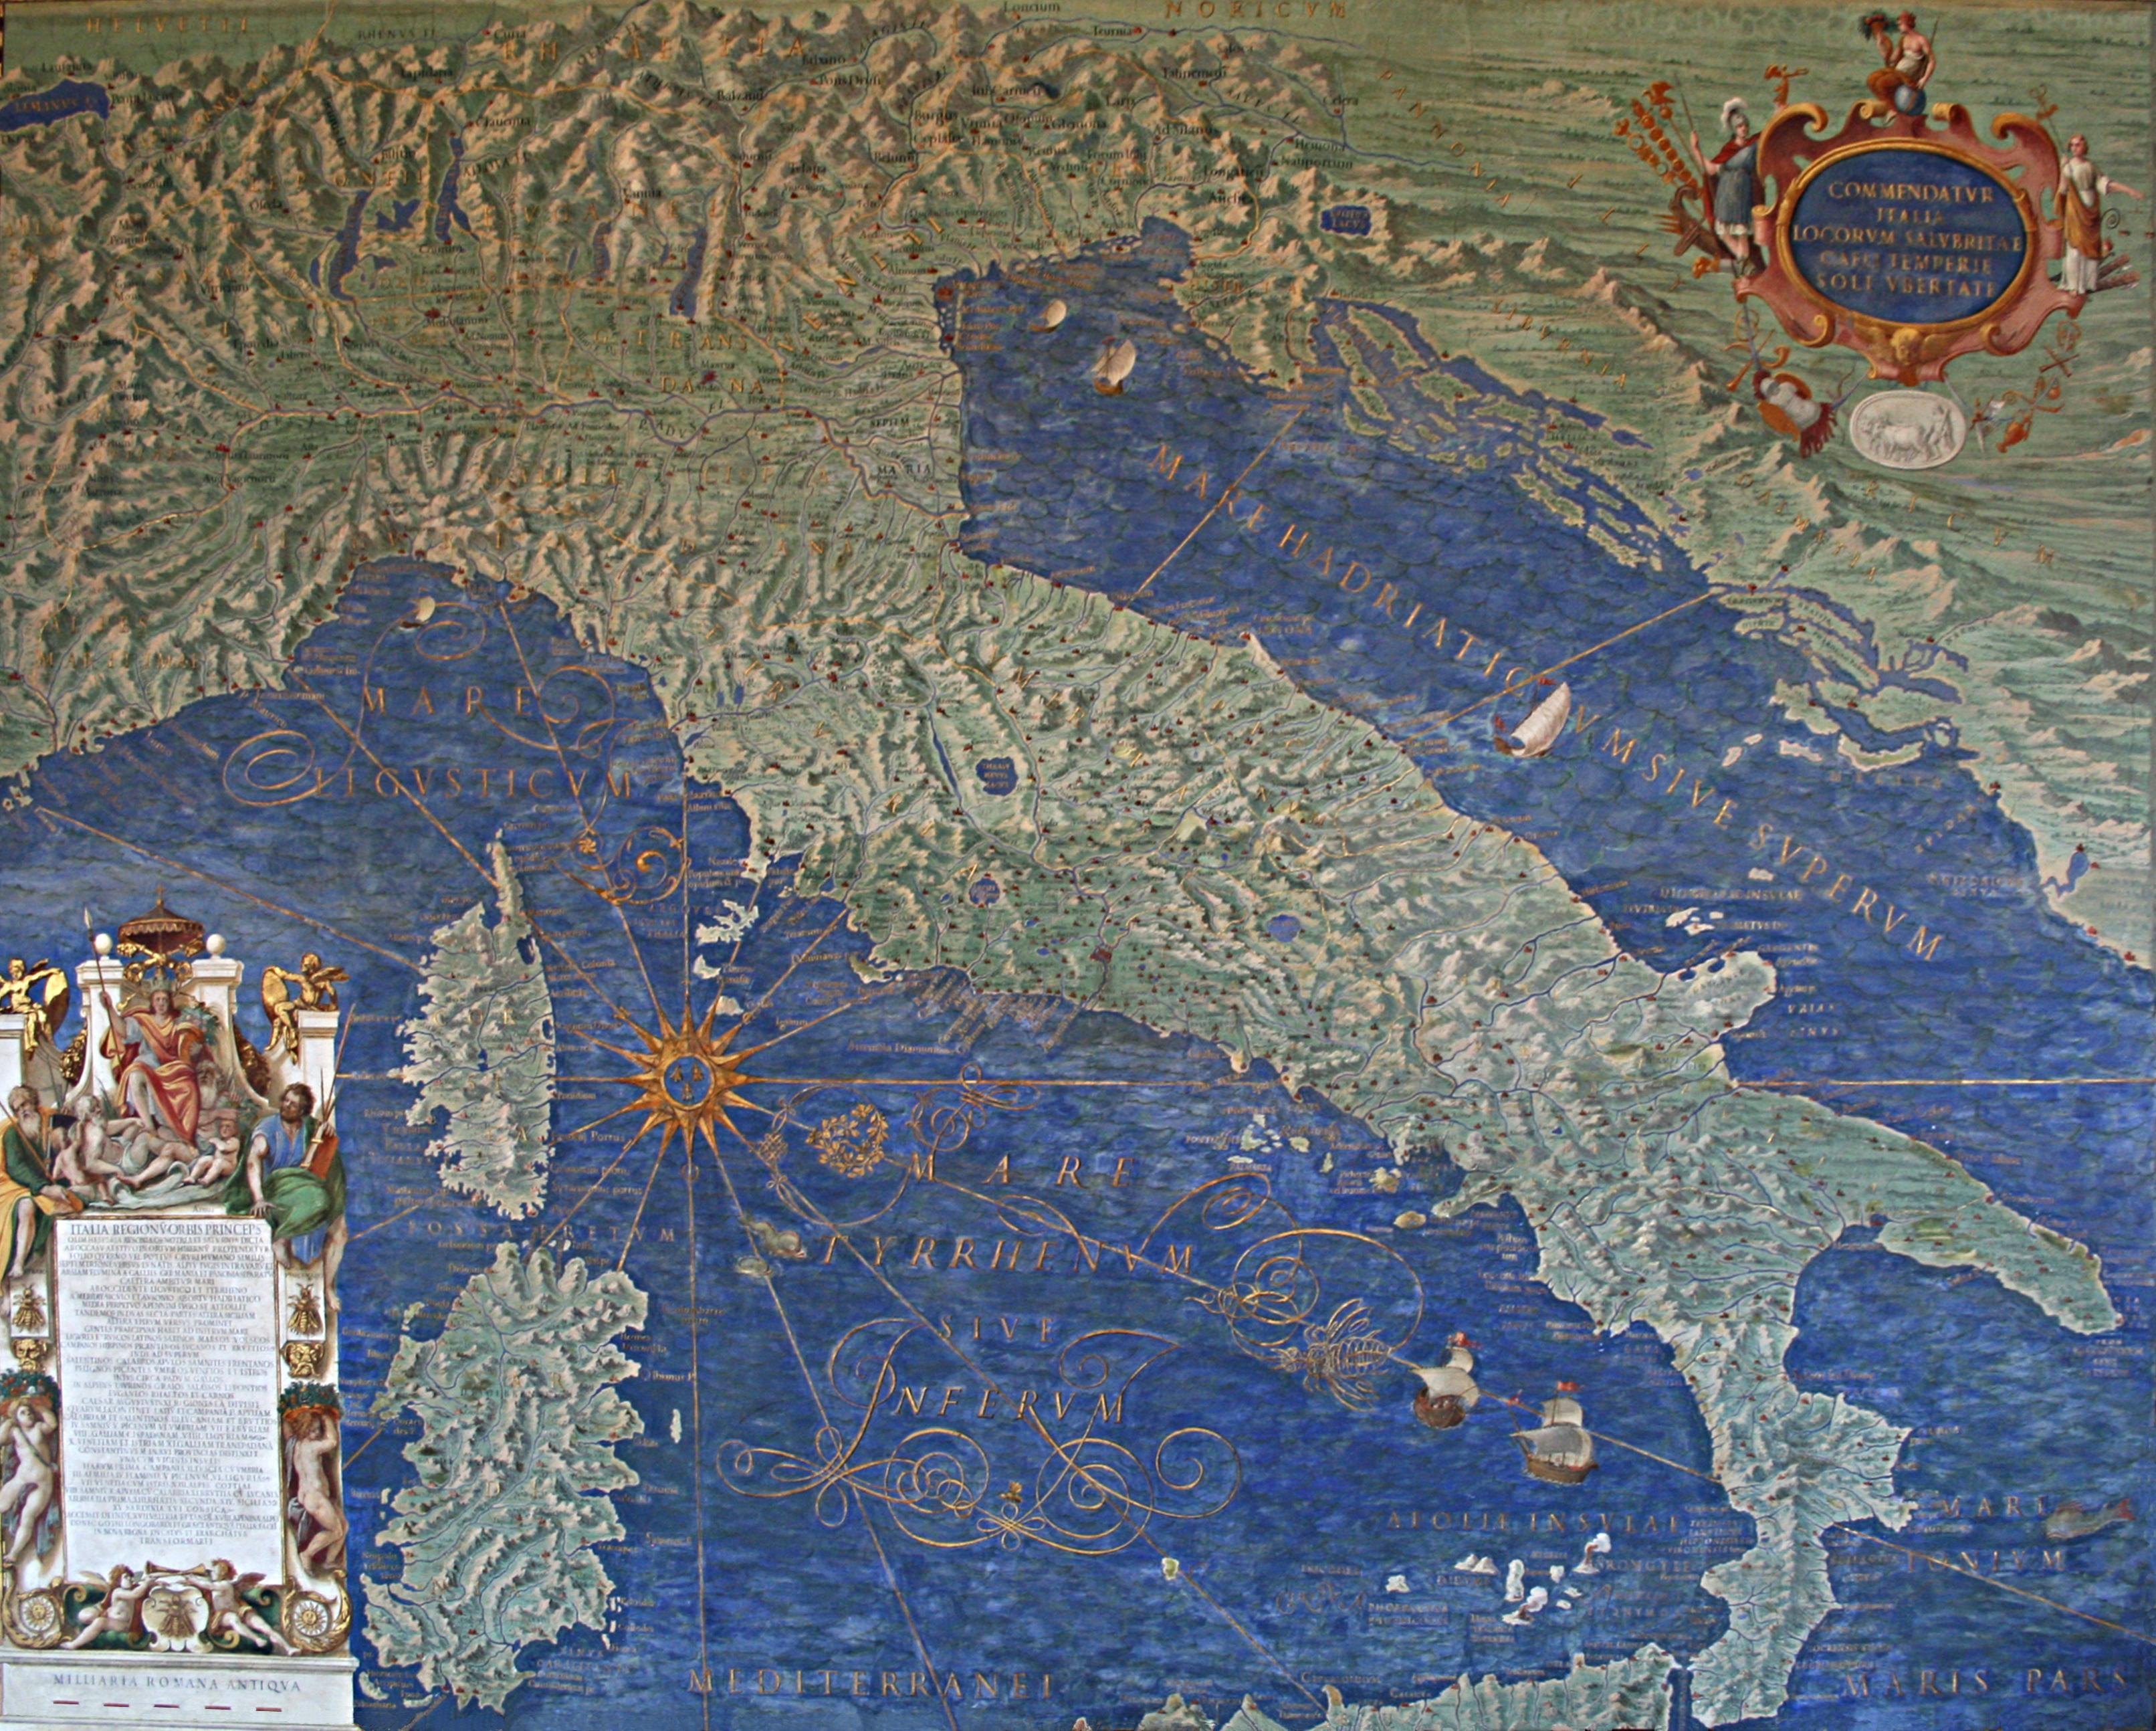 File:0 Italie - Corse - Sardaigne - Galleria delle carte geografiche.JPG - Wi...